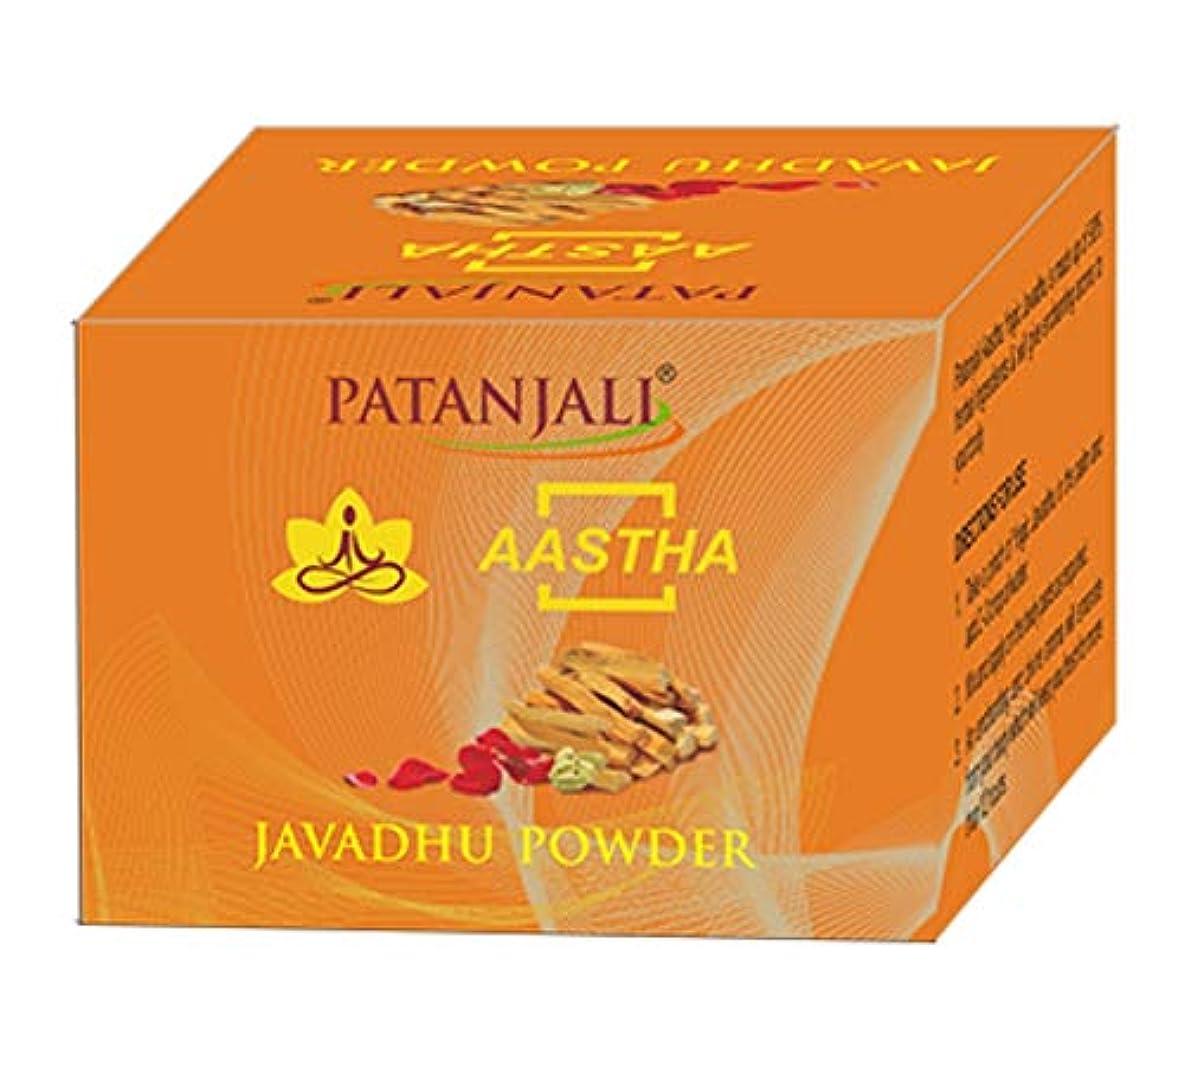 人生を作るスプリット浴室Baba Ramdev Patanjali AASTHA JAVADHU パウダー Vedic Yagya Pujan Havan/Hawan Worship Puja Pooja Samagri用 15gm 天然ハーバル